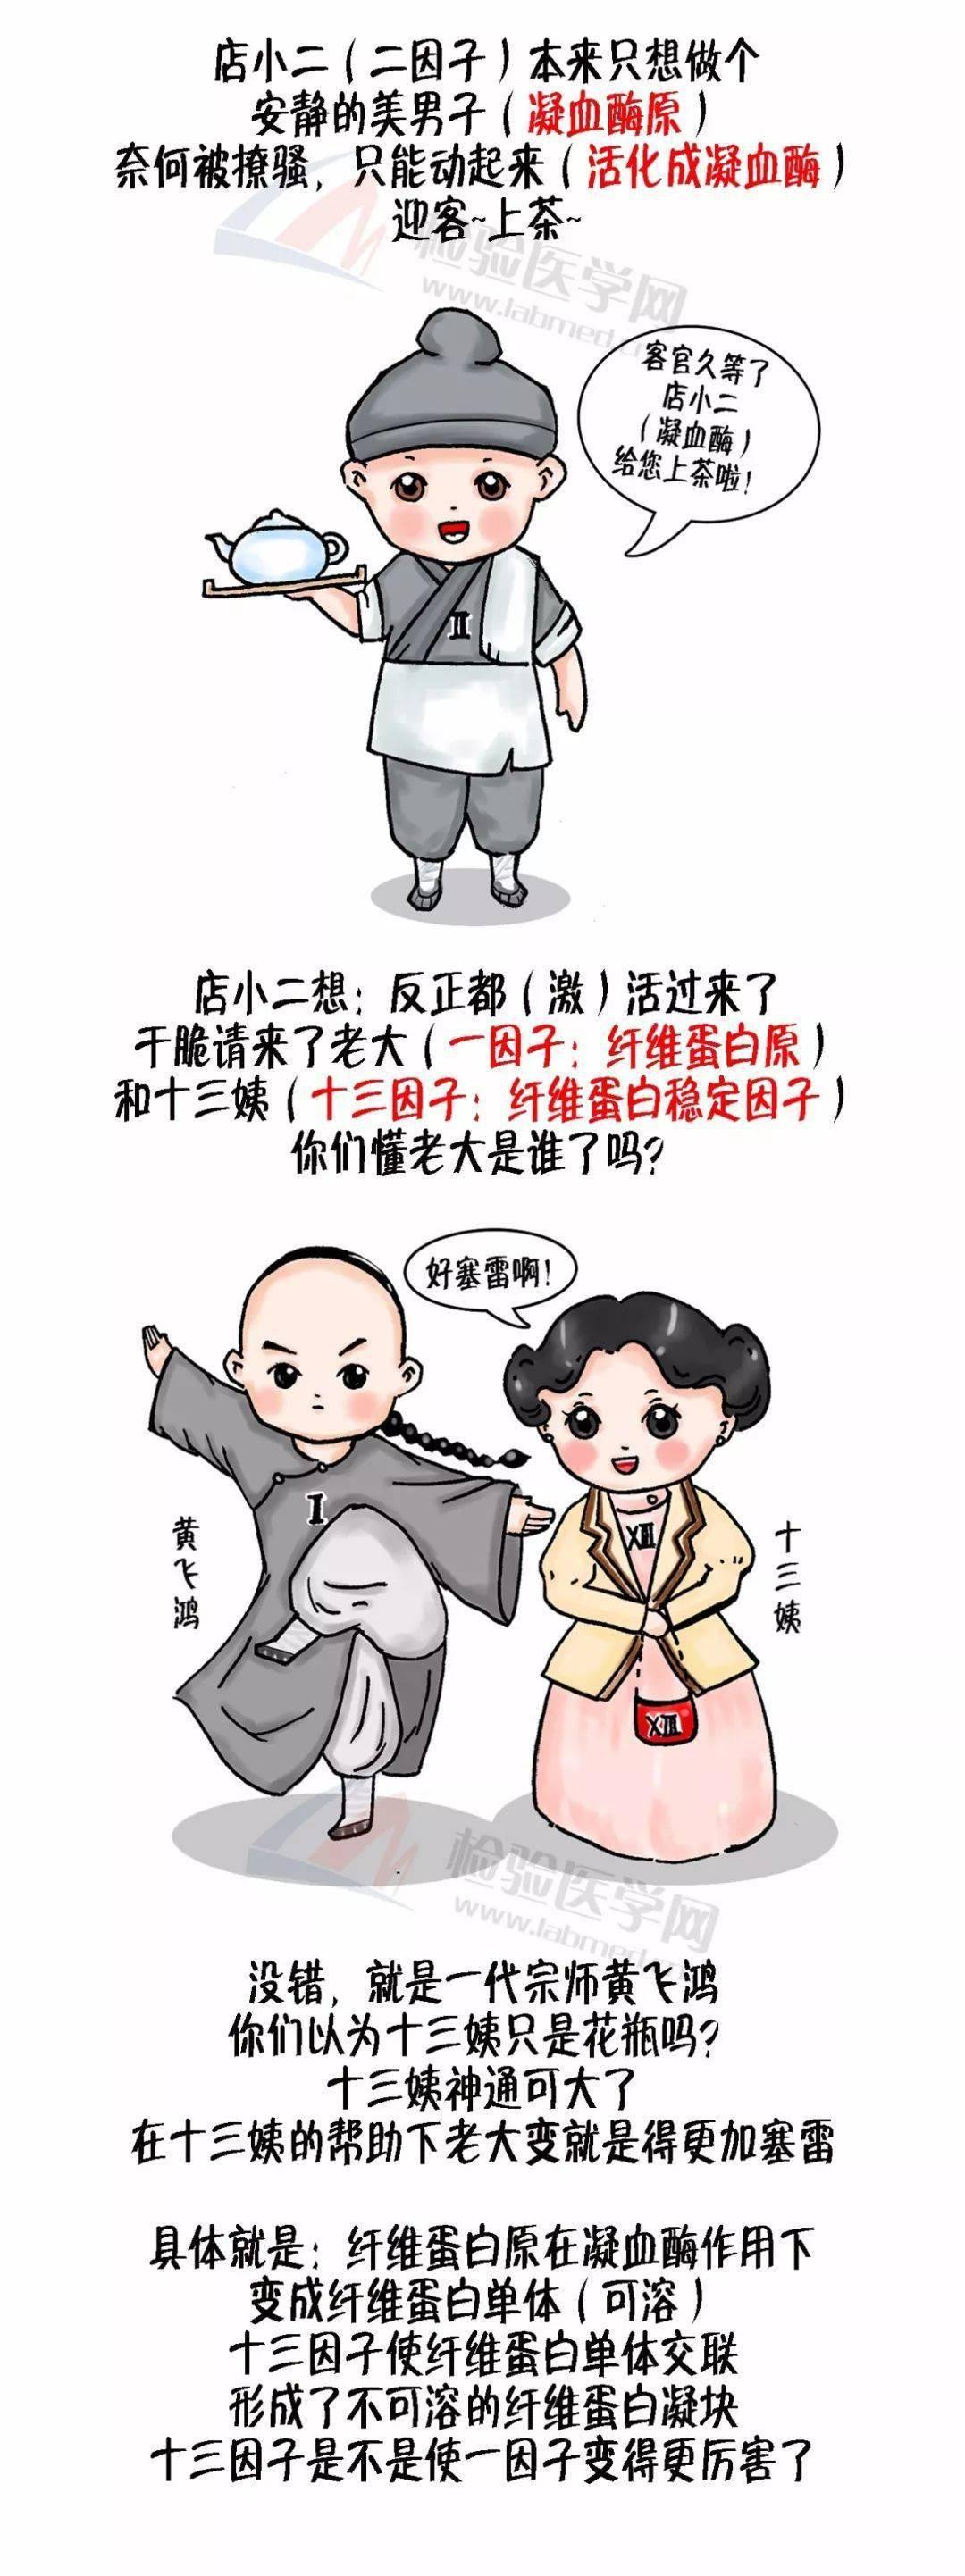 檢驗科漫畫_流氓漫畫大全_免費的漫畫大全_日漫畫美女